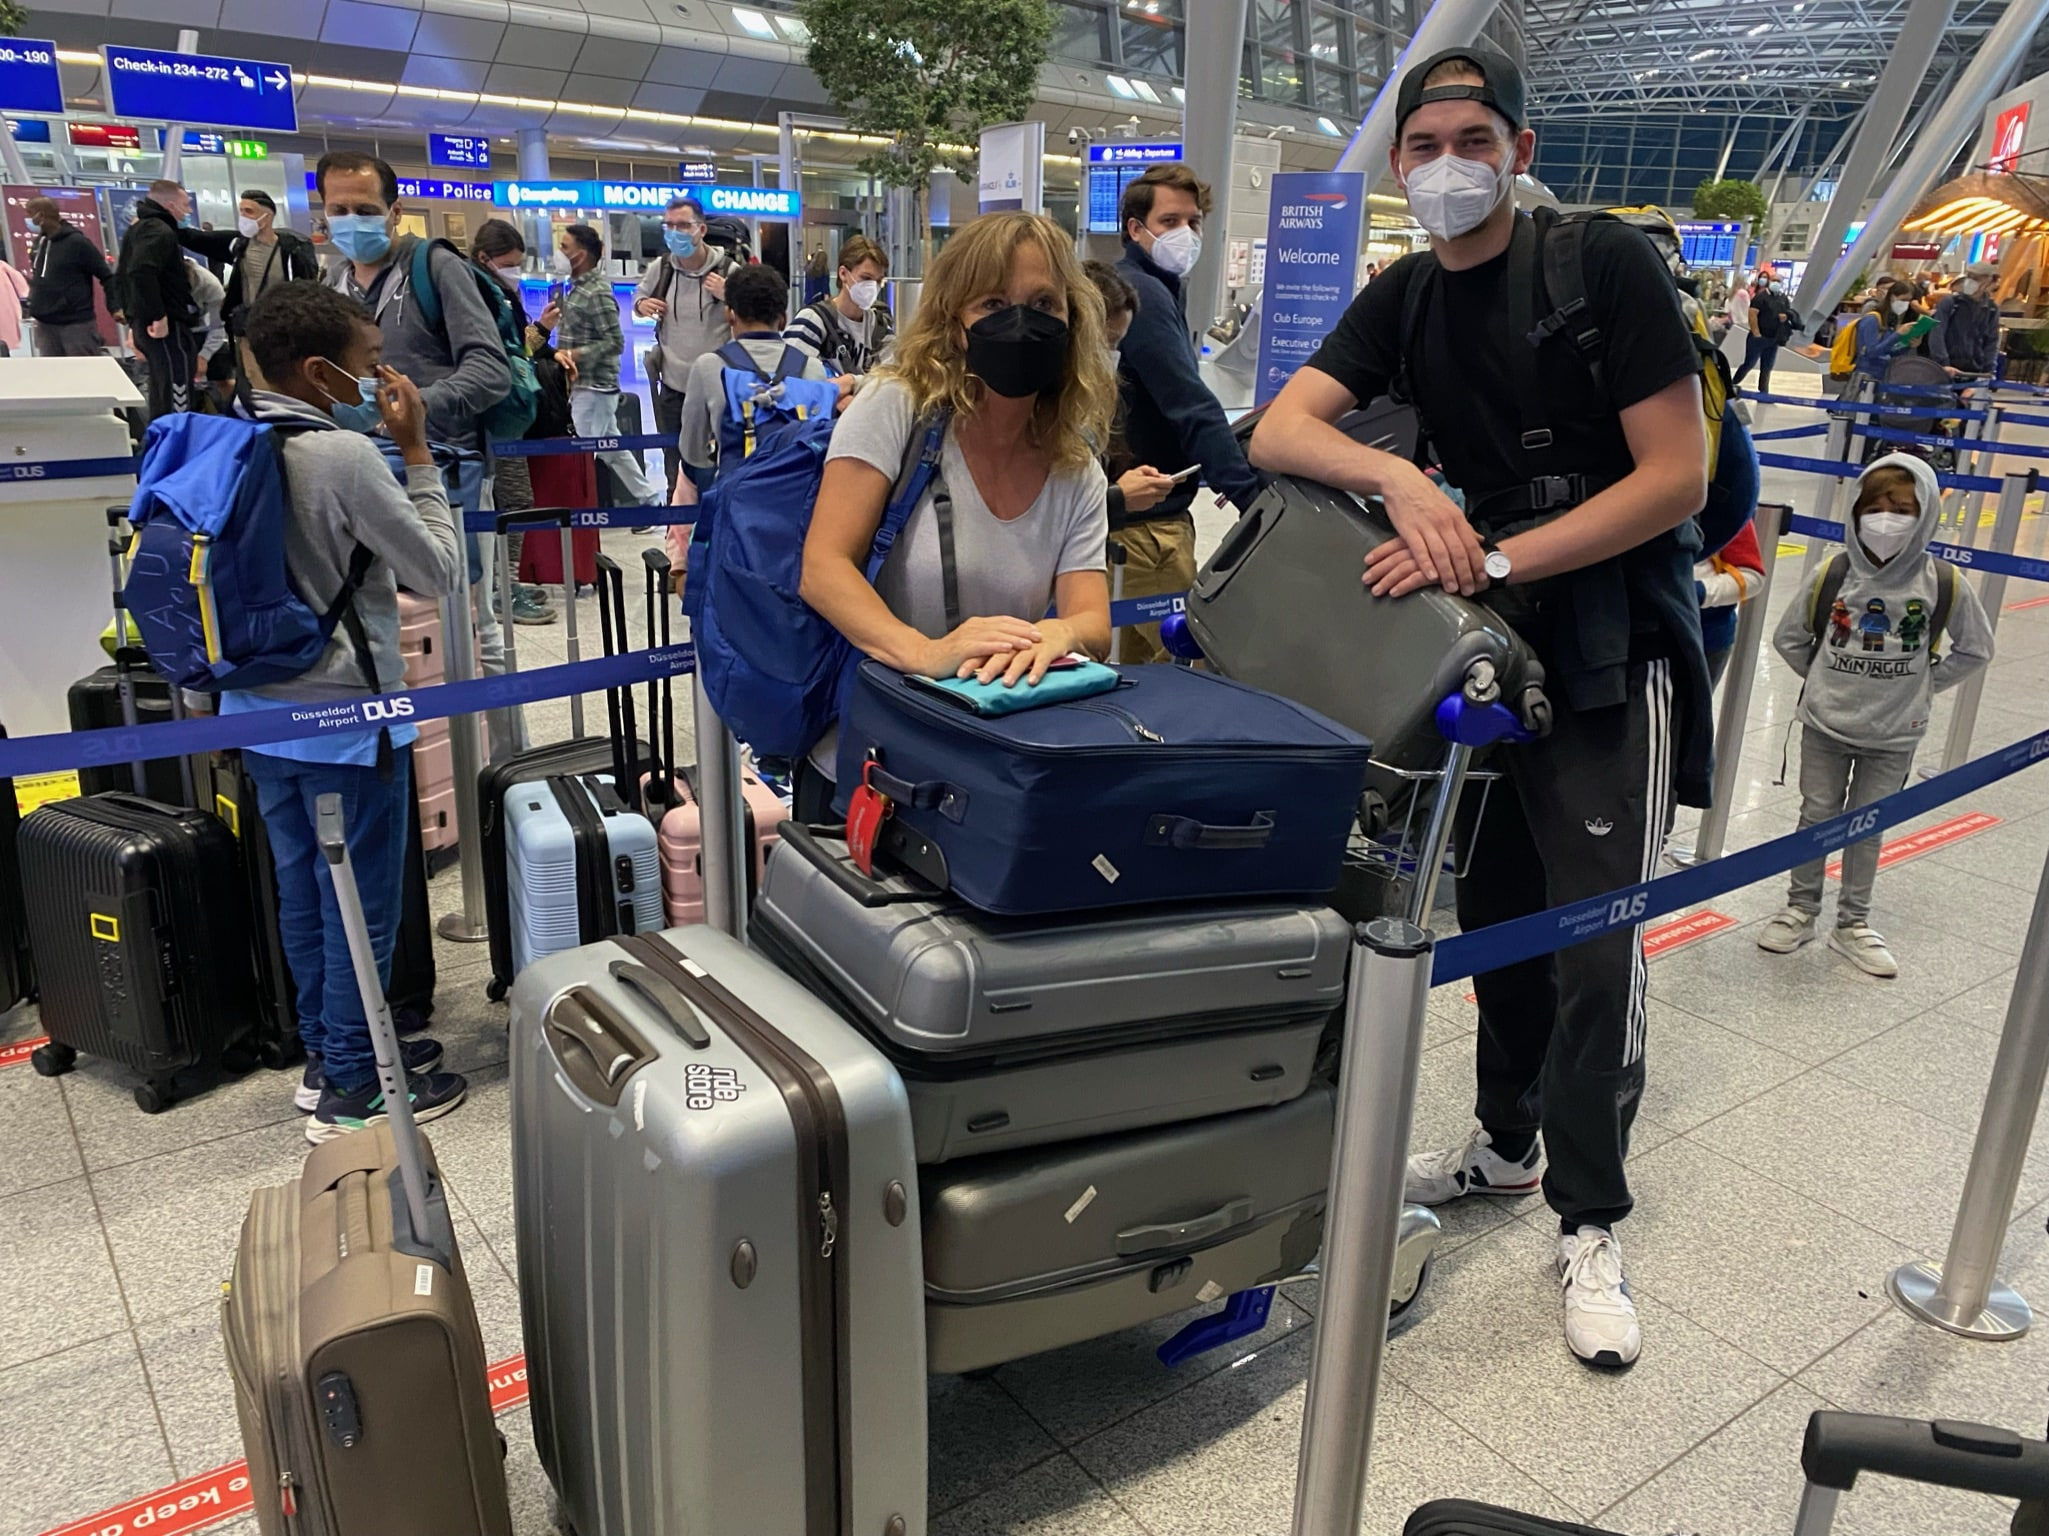 Zwei Menschen mit Masken stehen mit Koffern